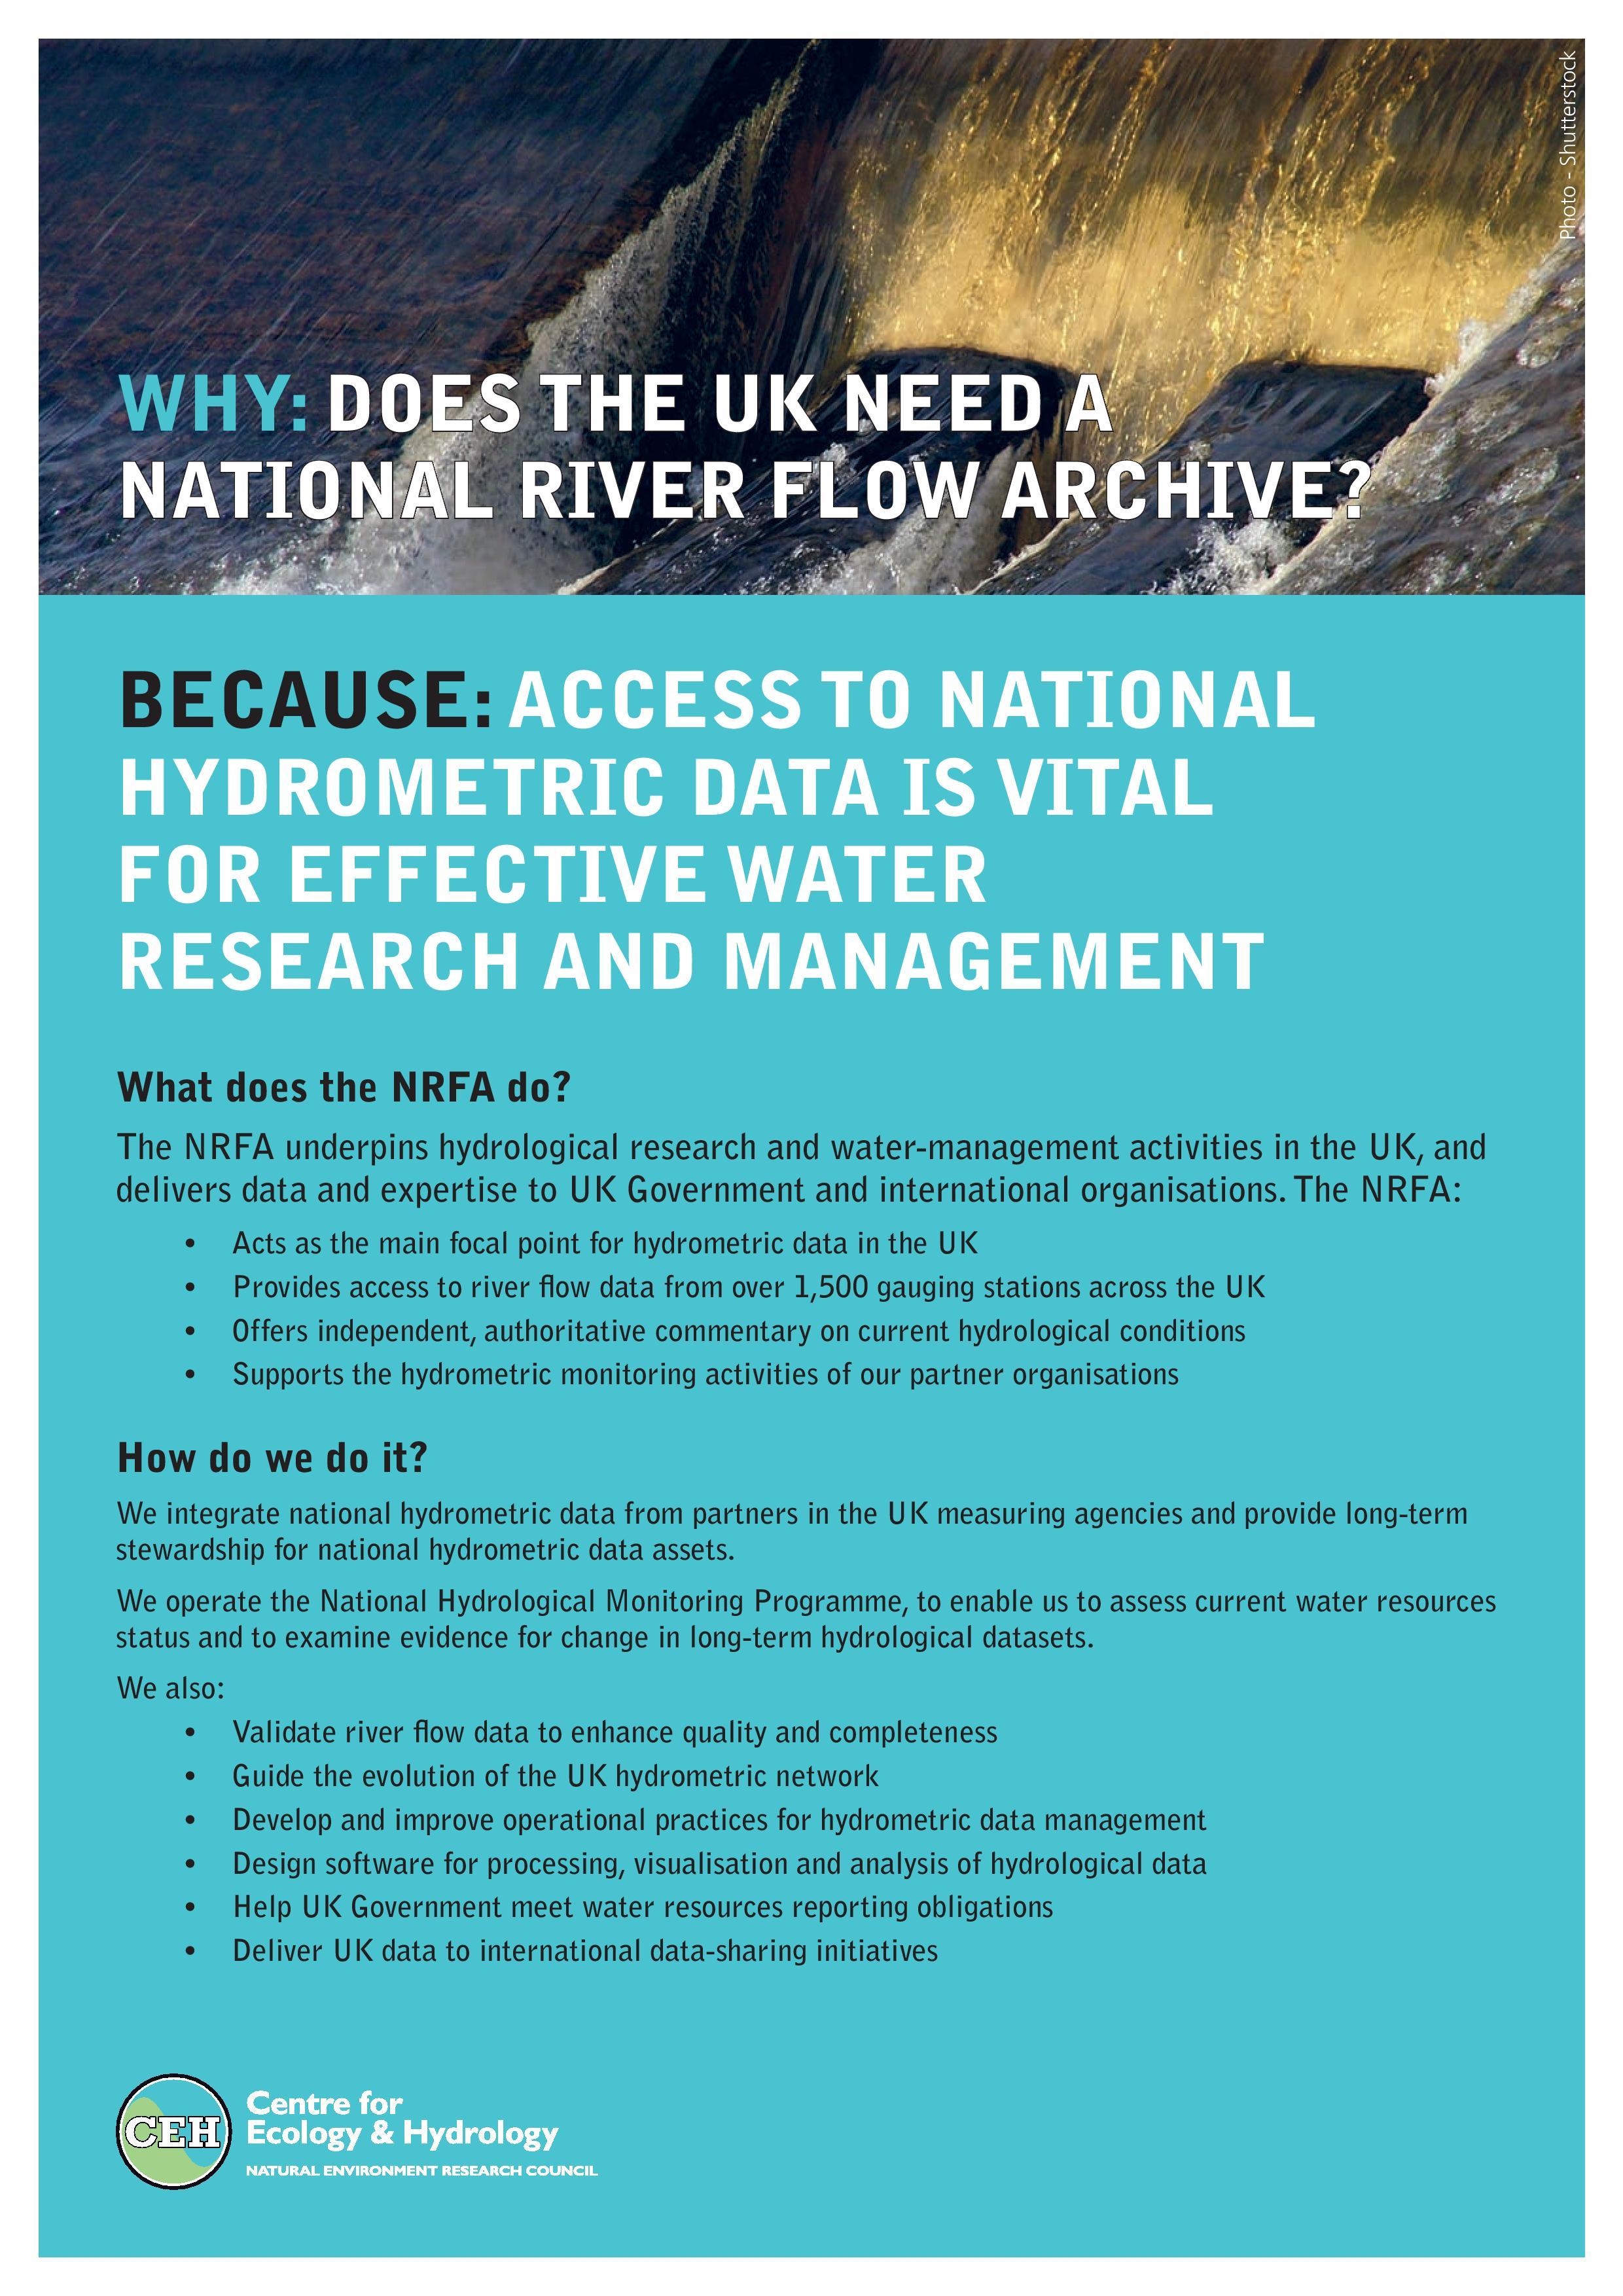 NRFA leaflet